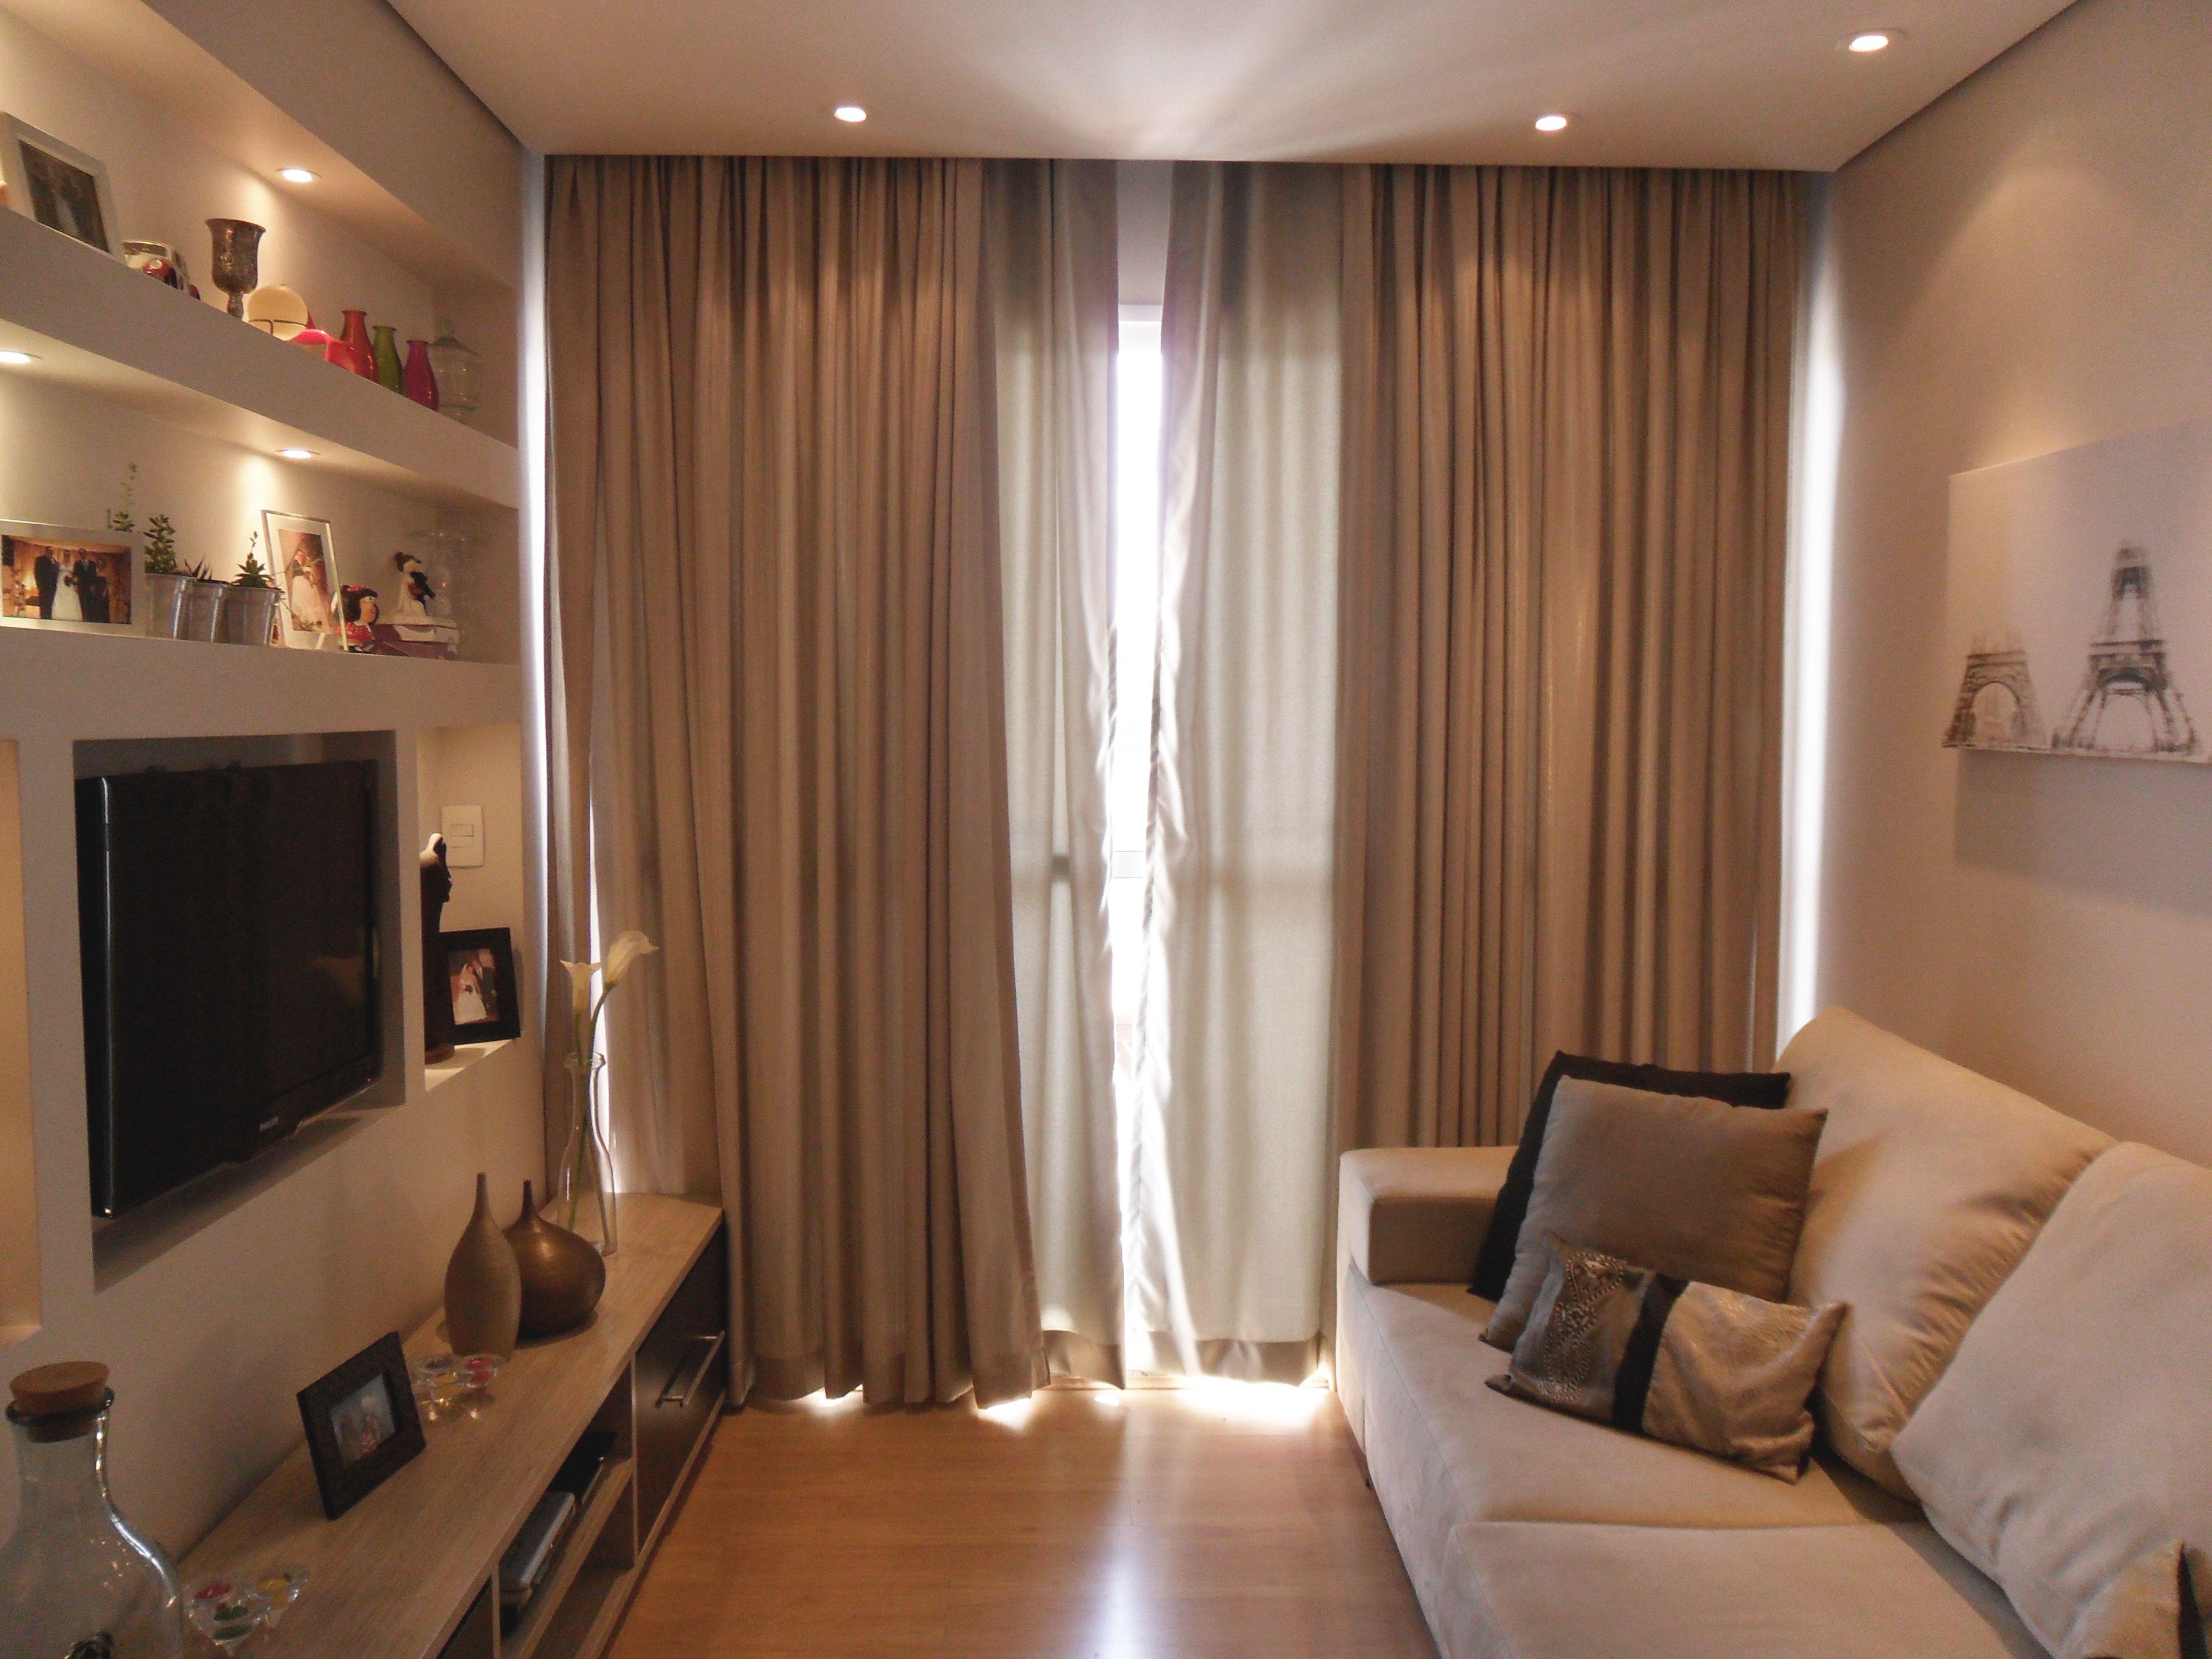 Sala De Estar Decora O Interiores Apartamento Pesquisa Google  -> Cortina Sala Apartamento